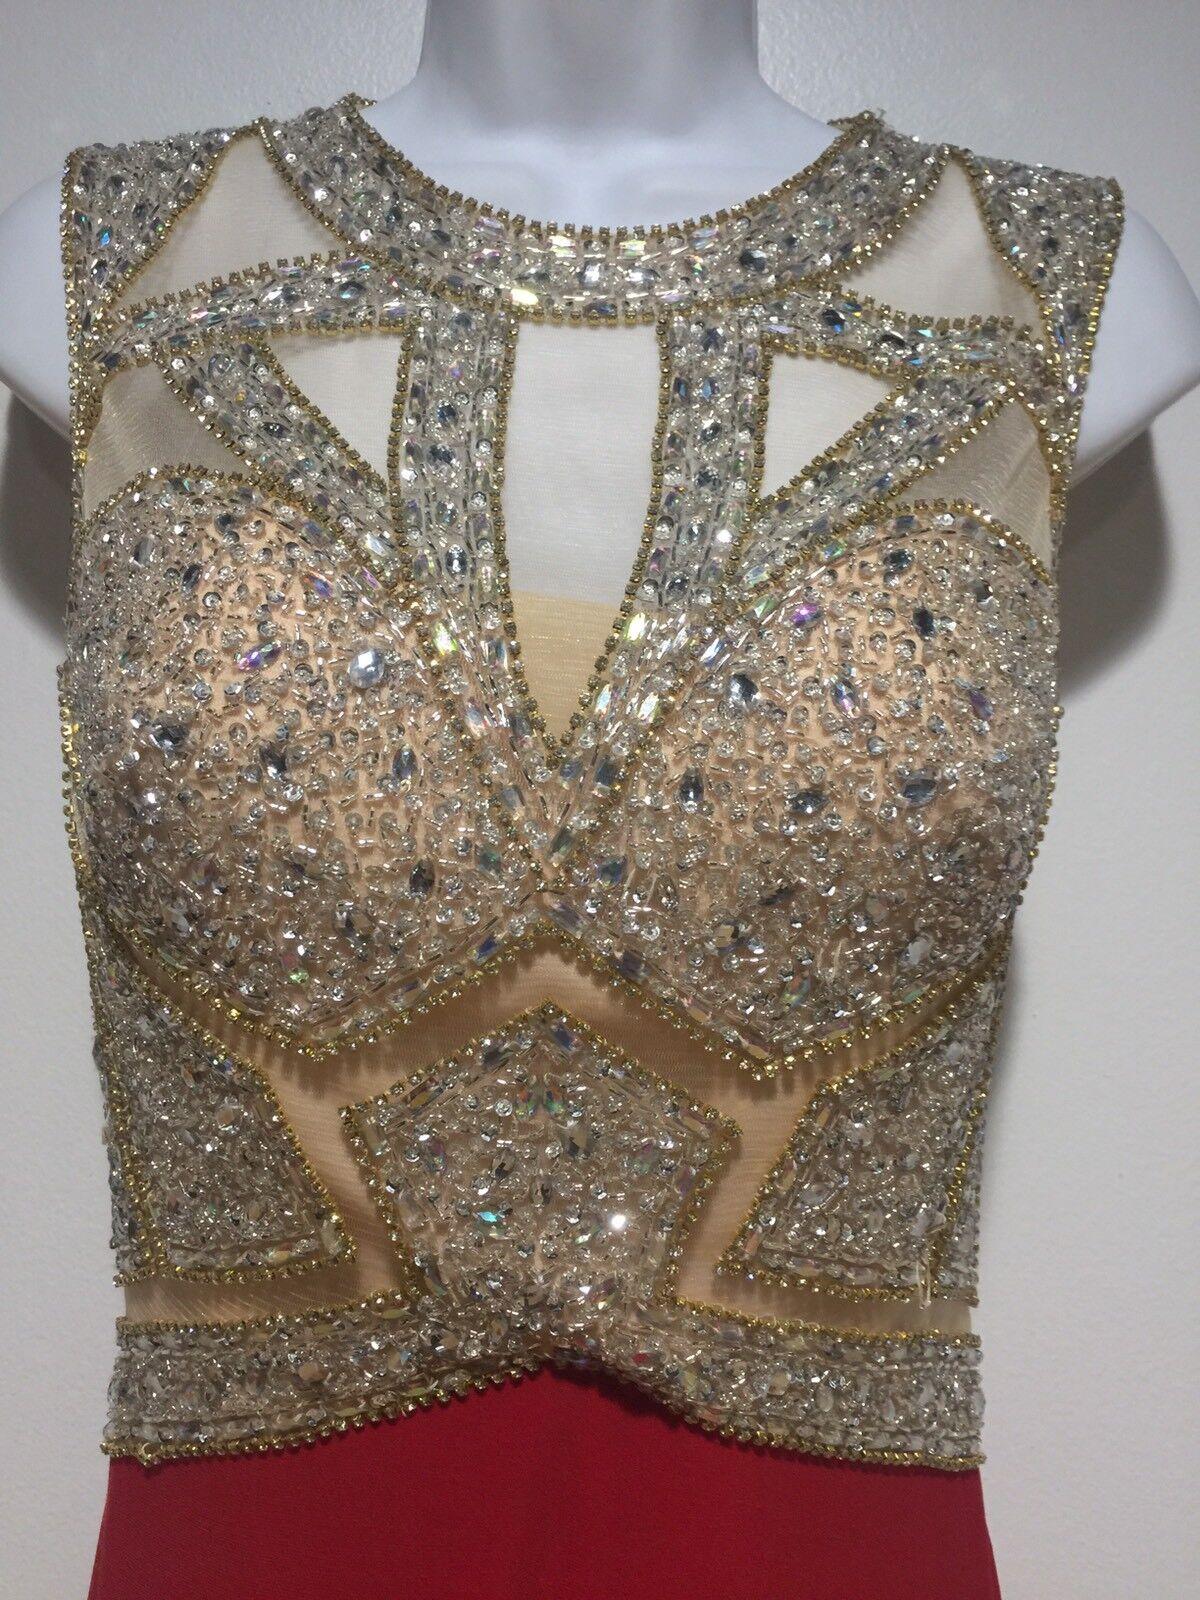 Maxi Dress Größe 6 rot Beige Embellished Cut Out Sheer Open Back Prom Formal